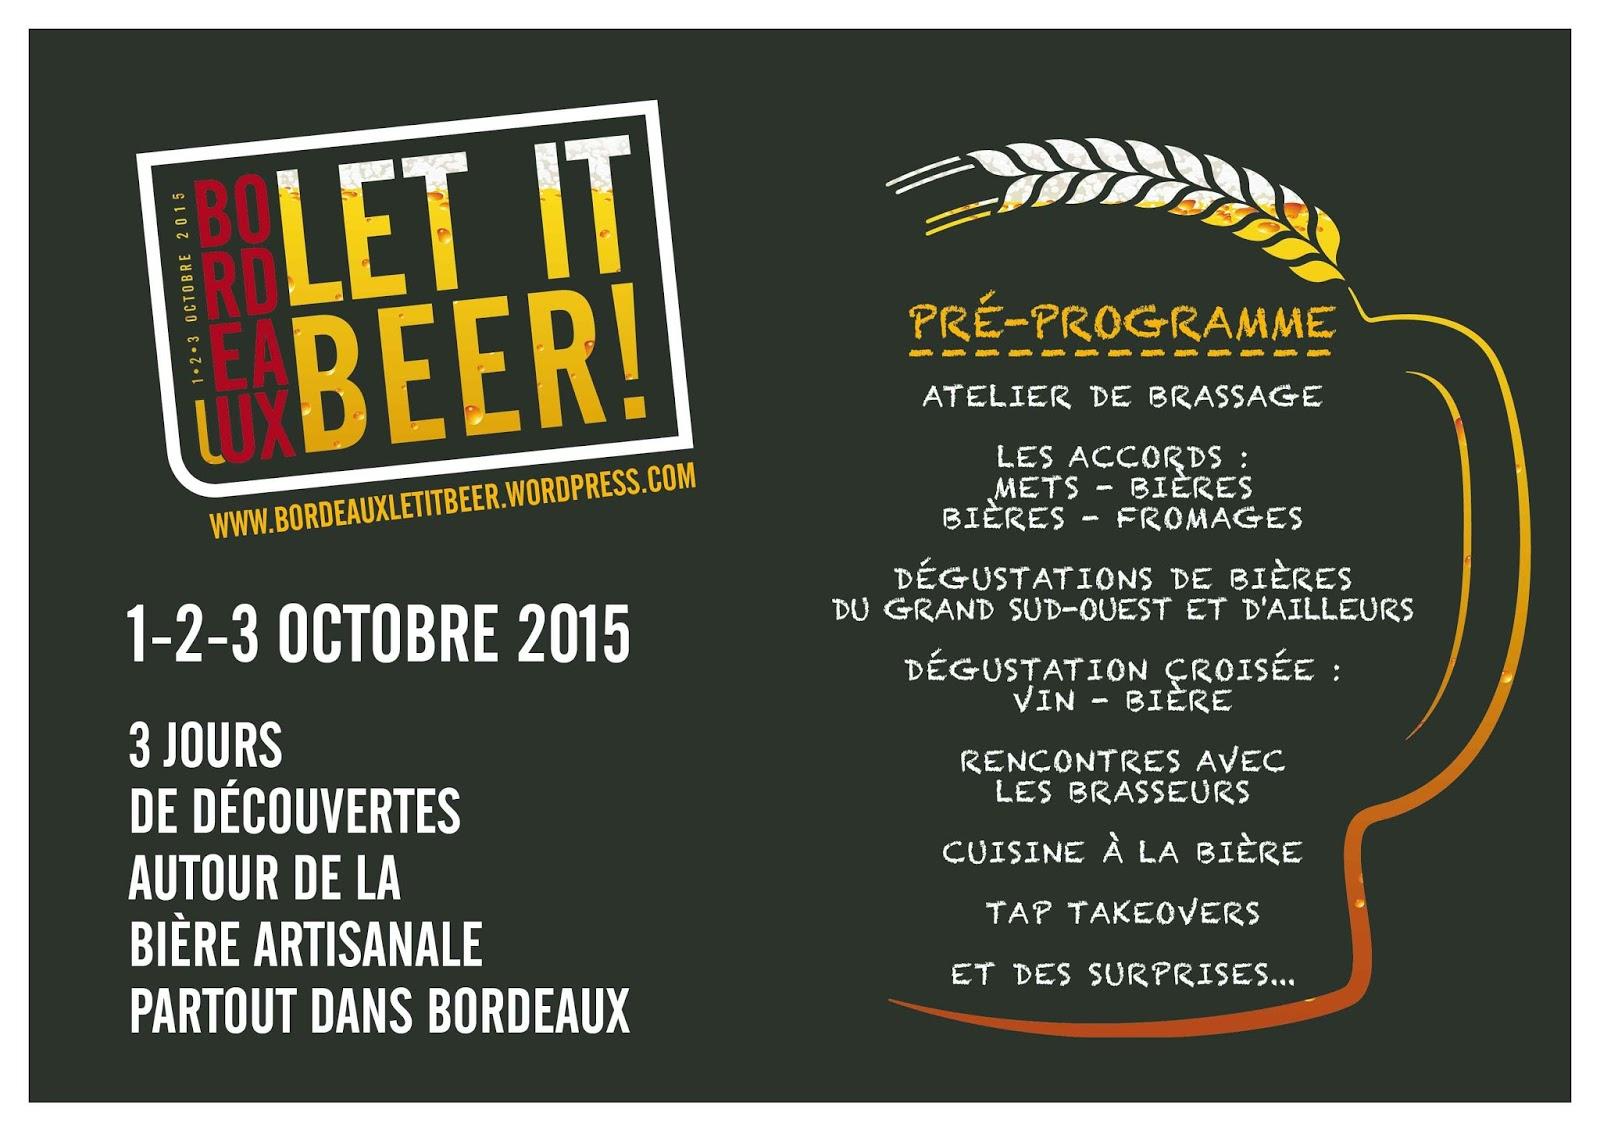 Let it beer : un festival dédié à la bière à Bordeaux